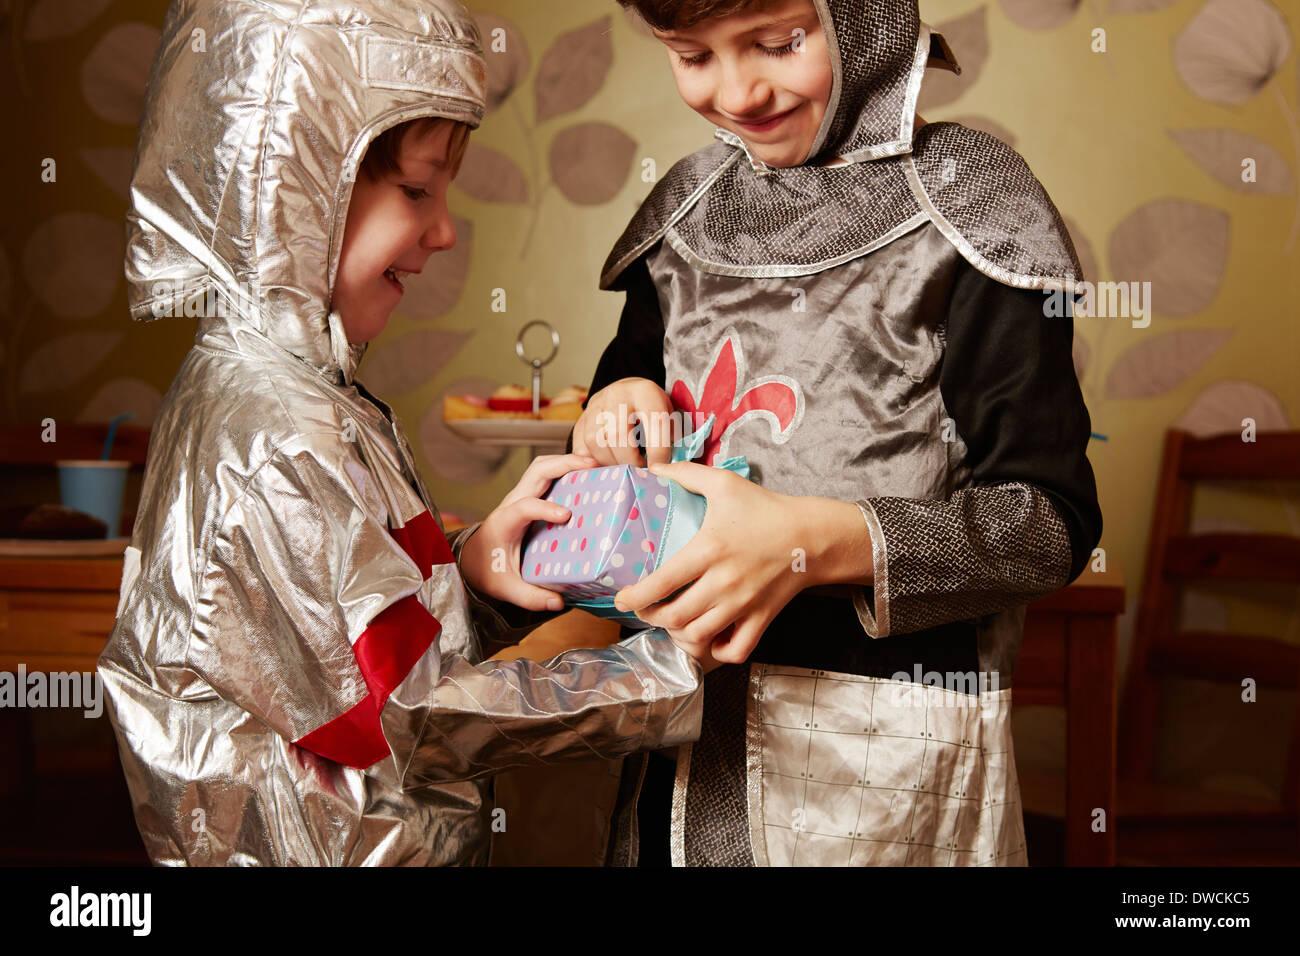 Due ragazzi vestiti da cavalieri, una ricezione di regalo di compleanno Immagini Stock